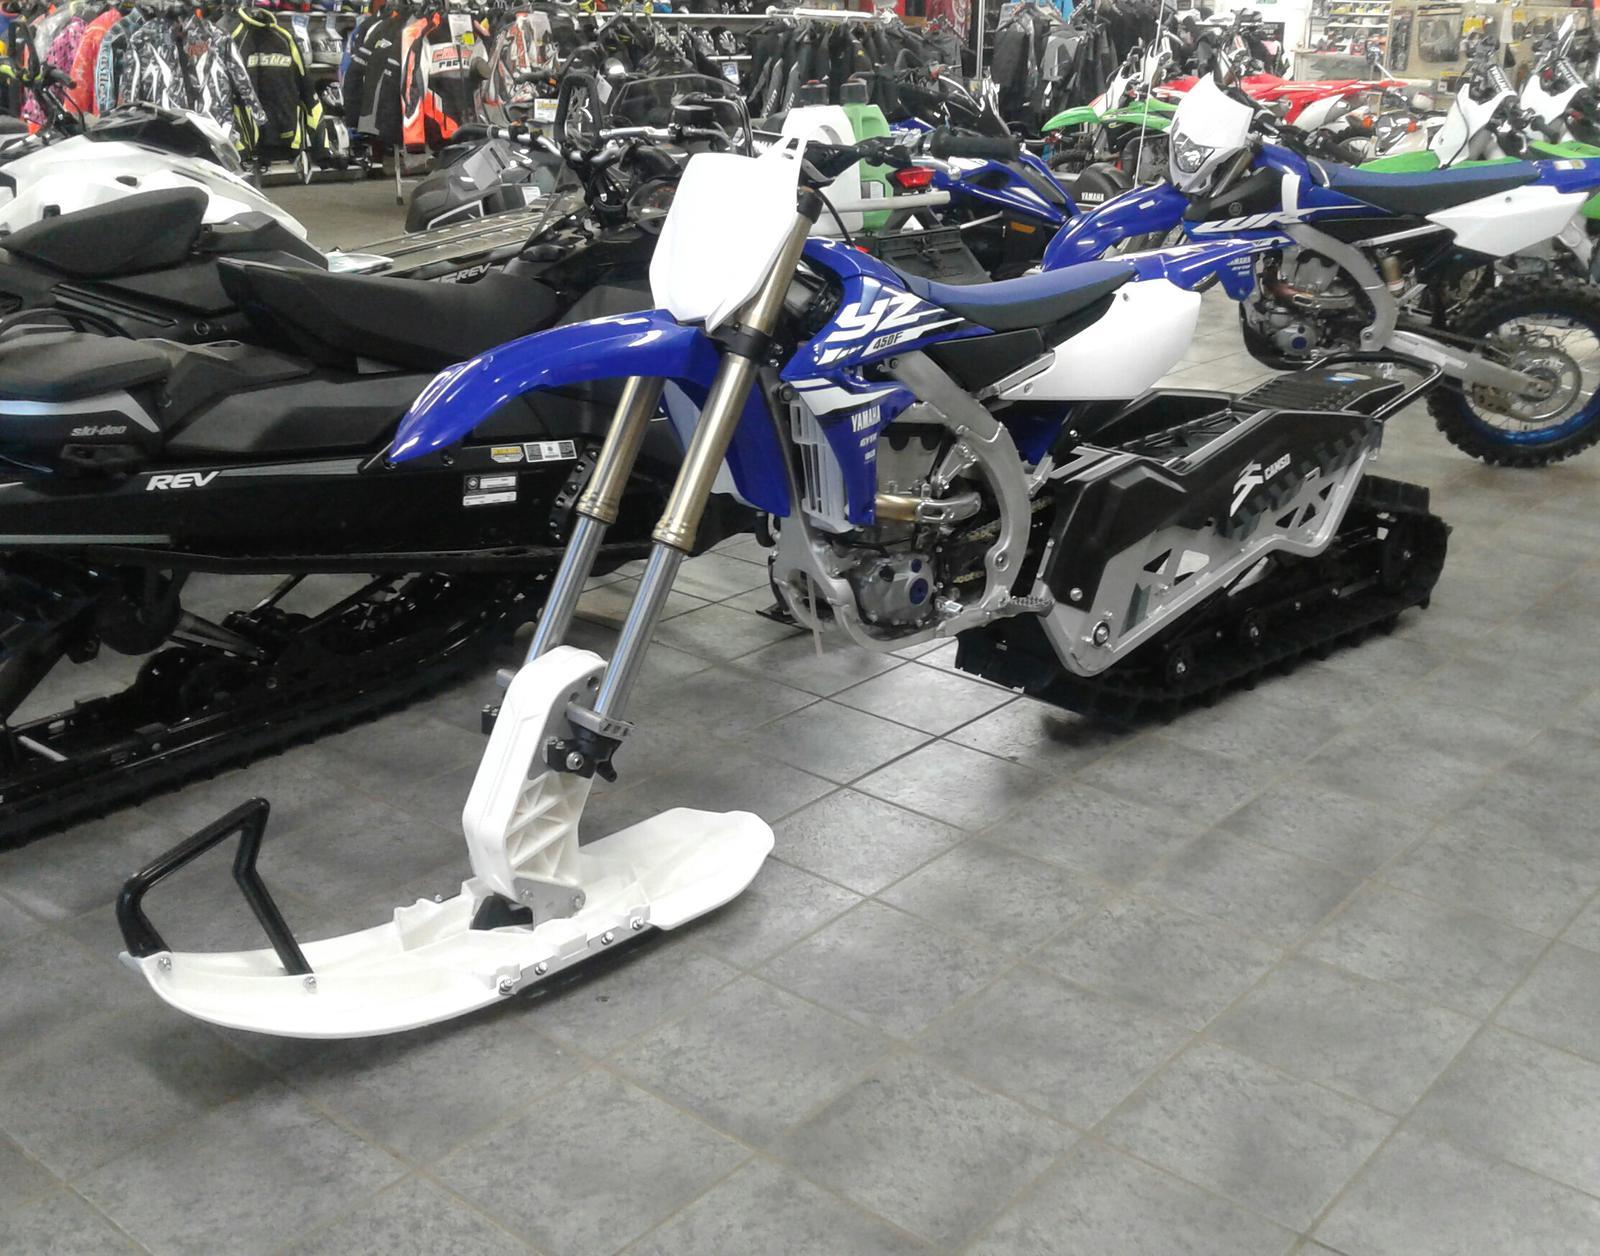 2018 yamaha yz 450f - camso snowbike conversion